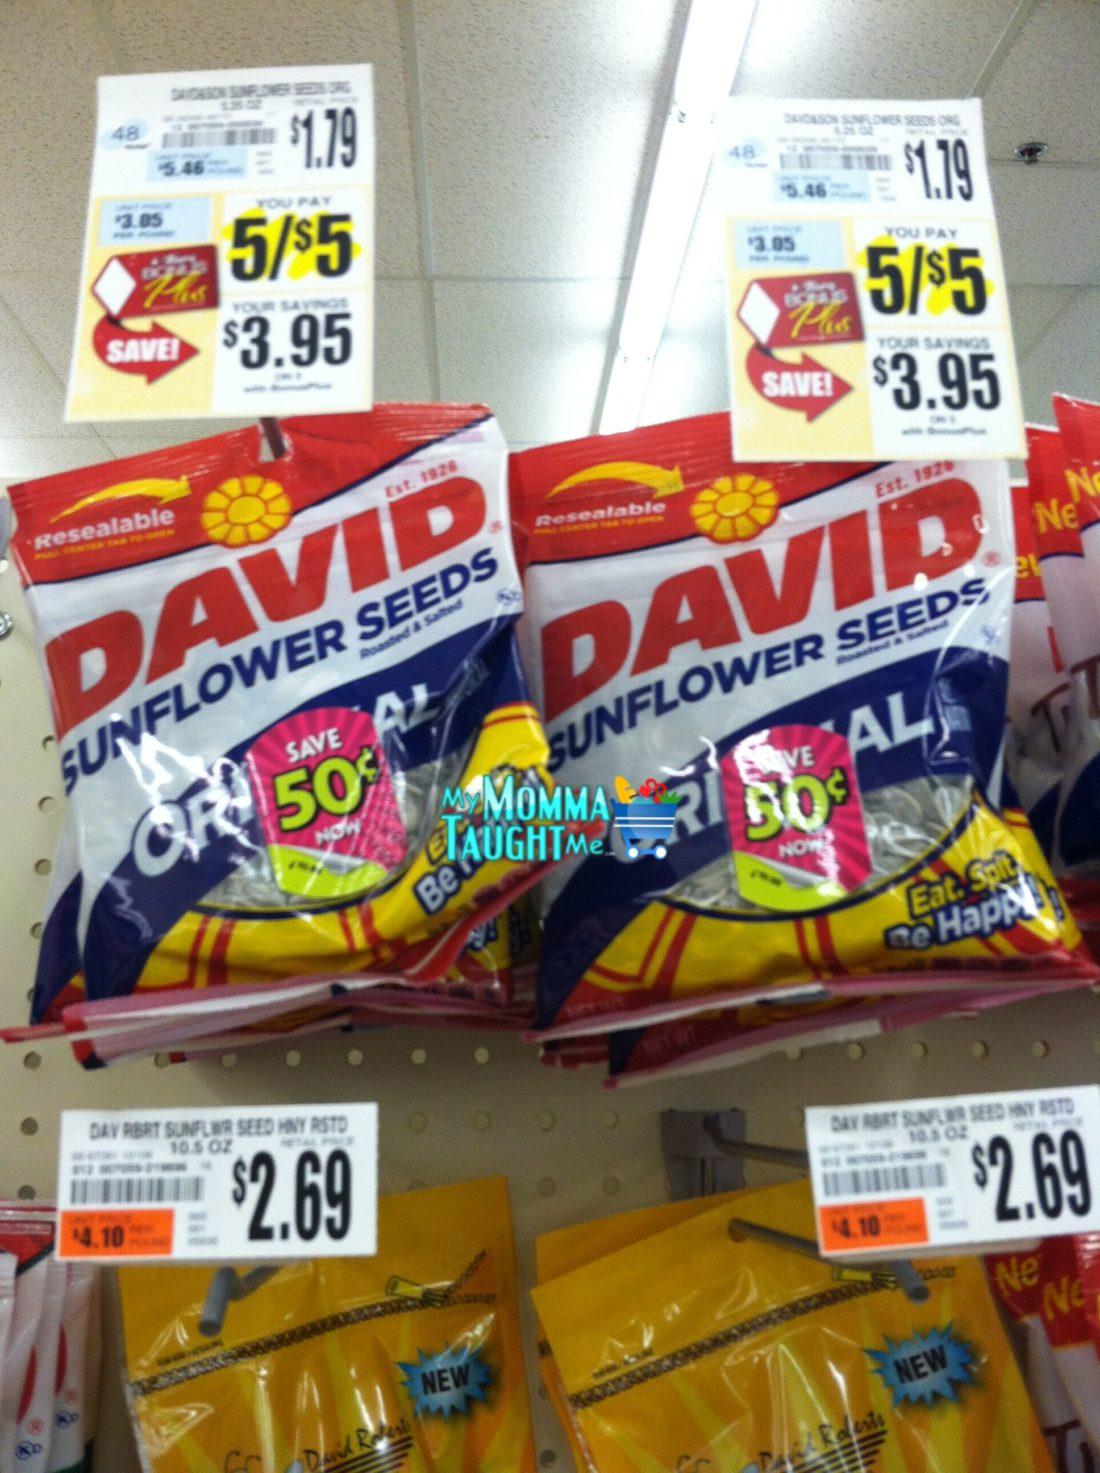 David sunflower seeds coupon 2018